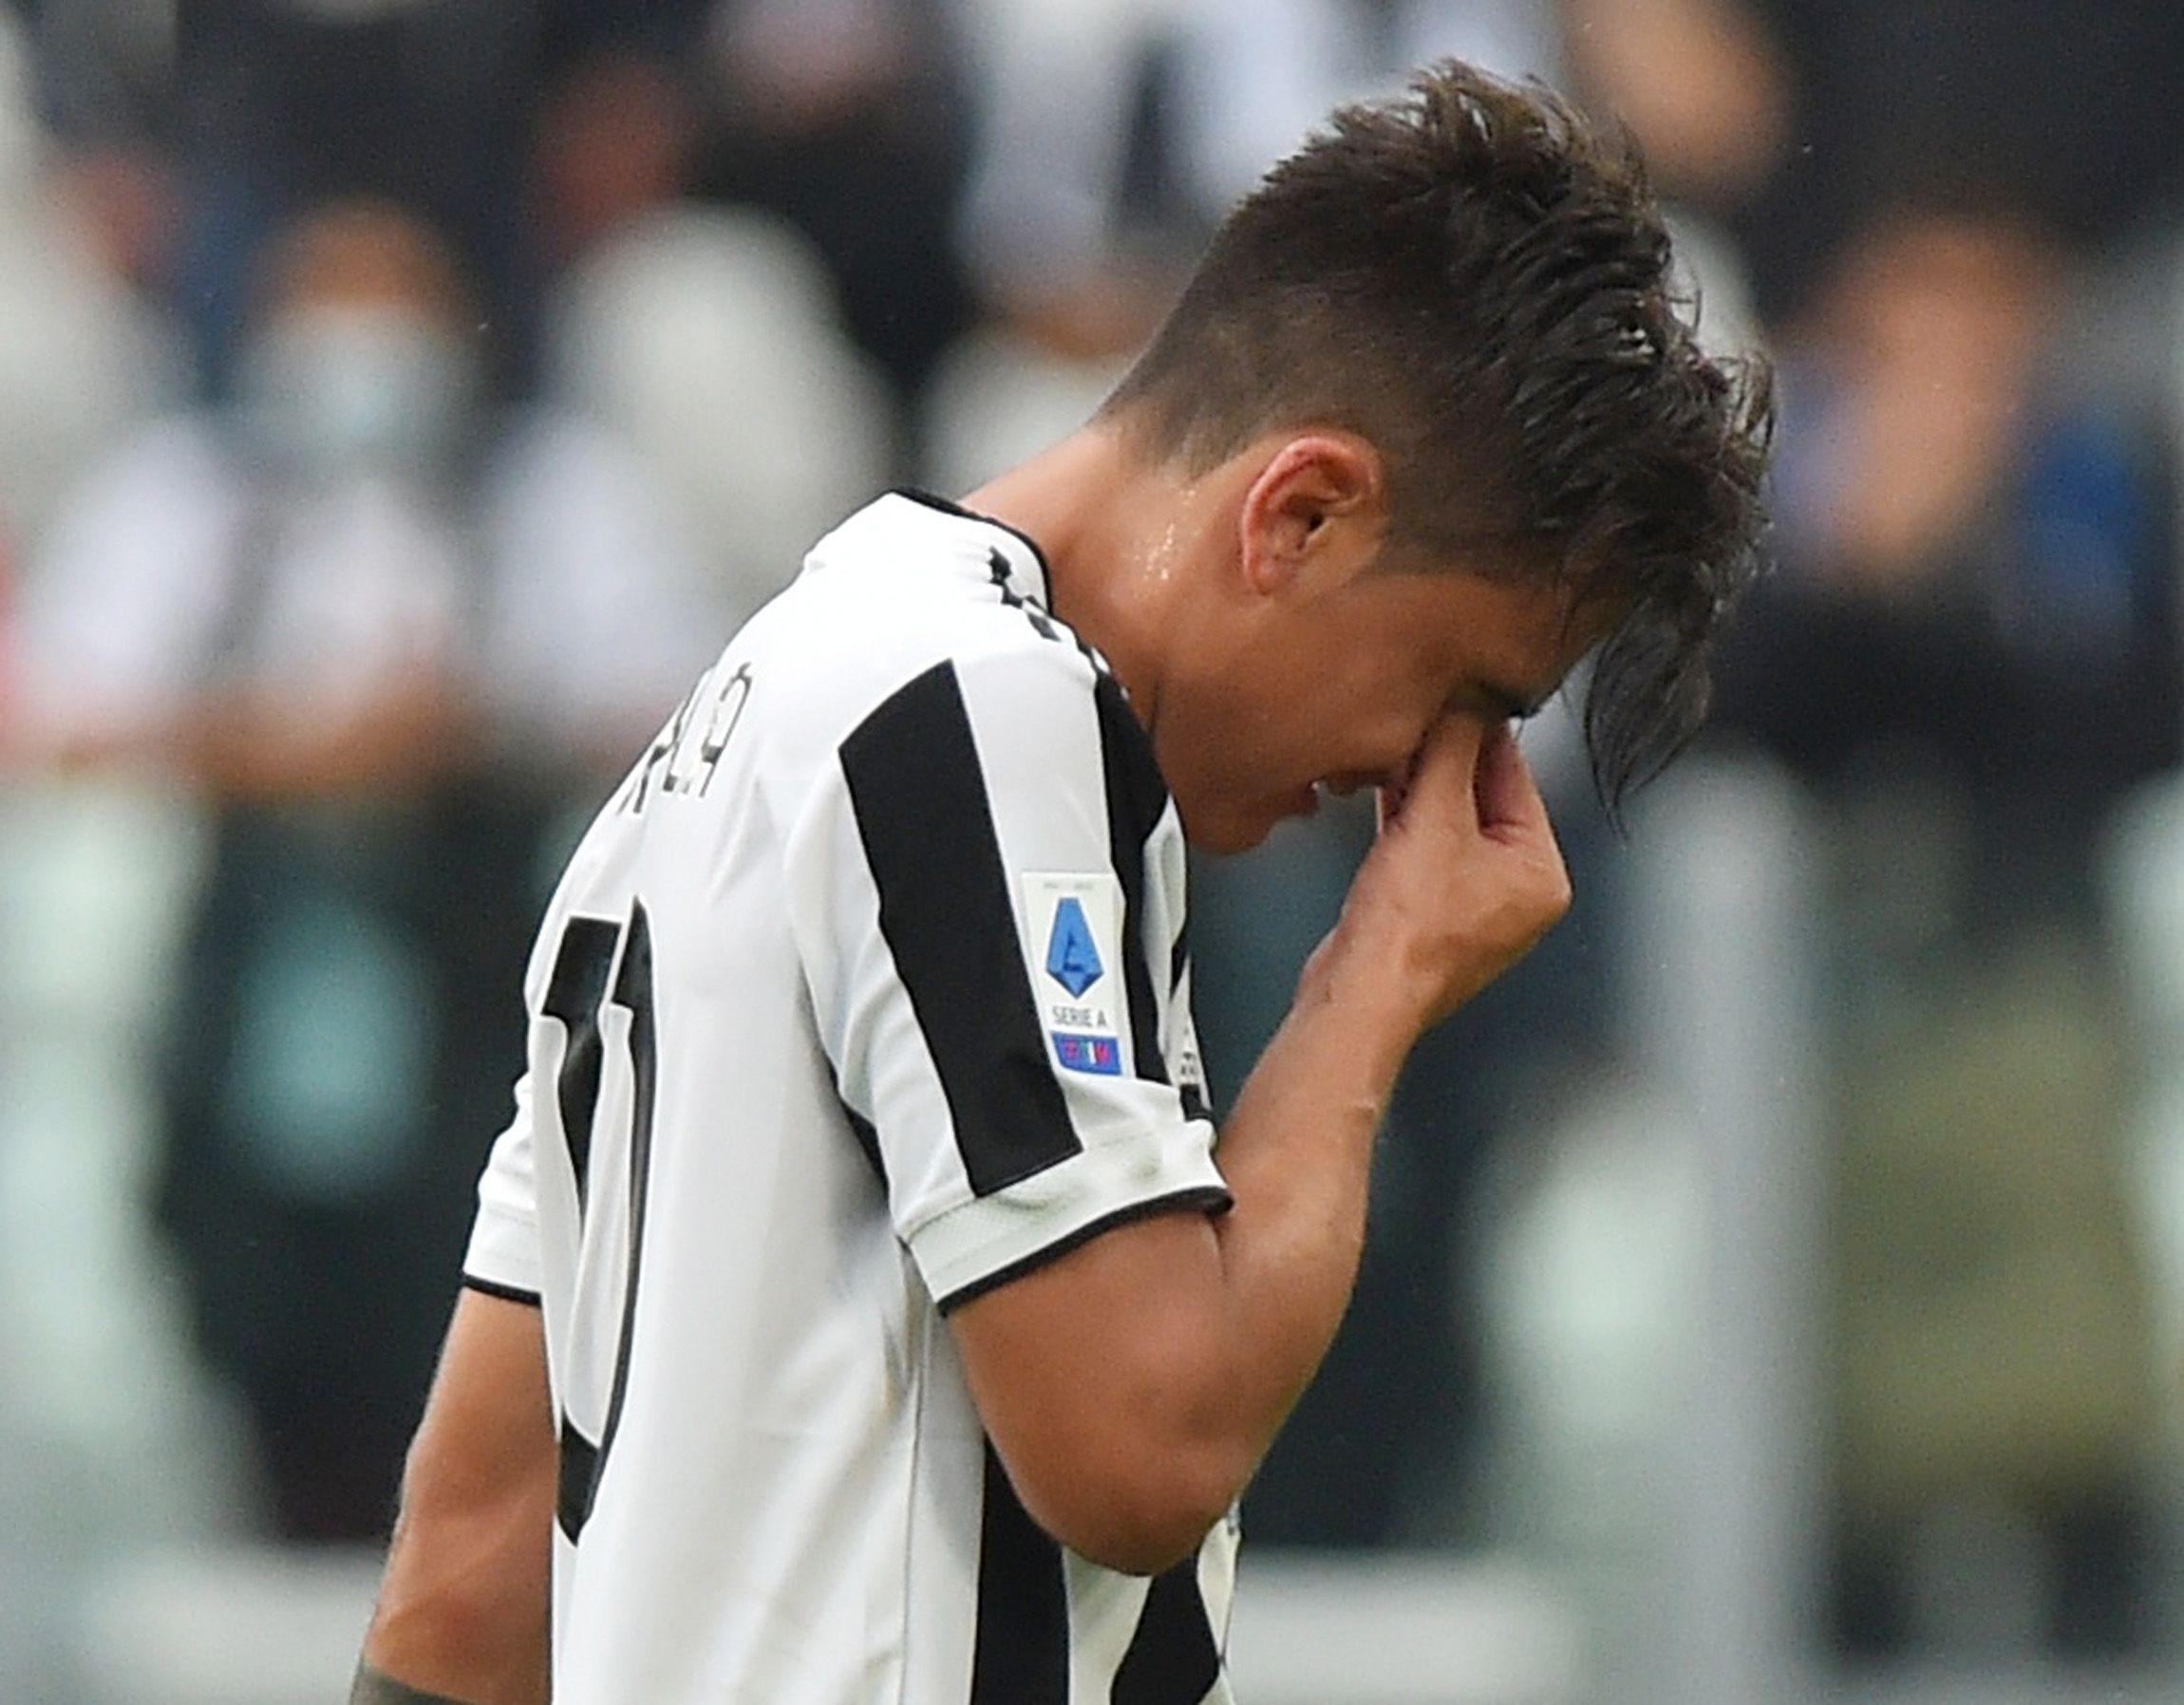 Dybala se fue llorando a los 20 minutos de la primera etapa en el último partido de la Juventus (REUTERS/Massimo Pinca)